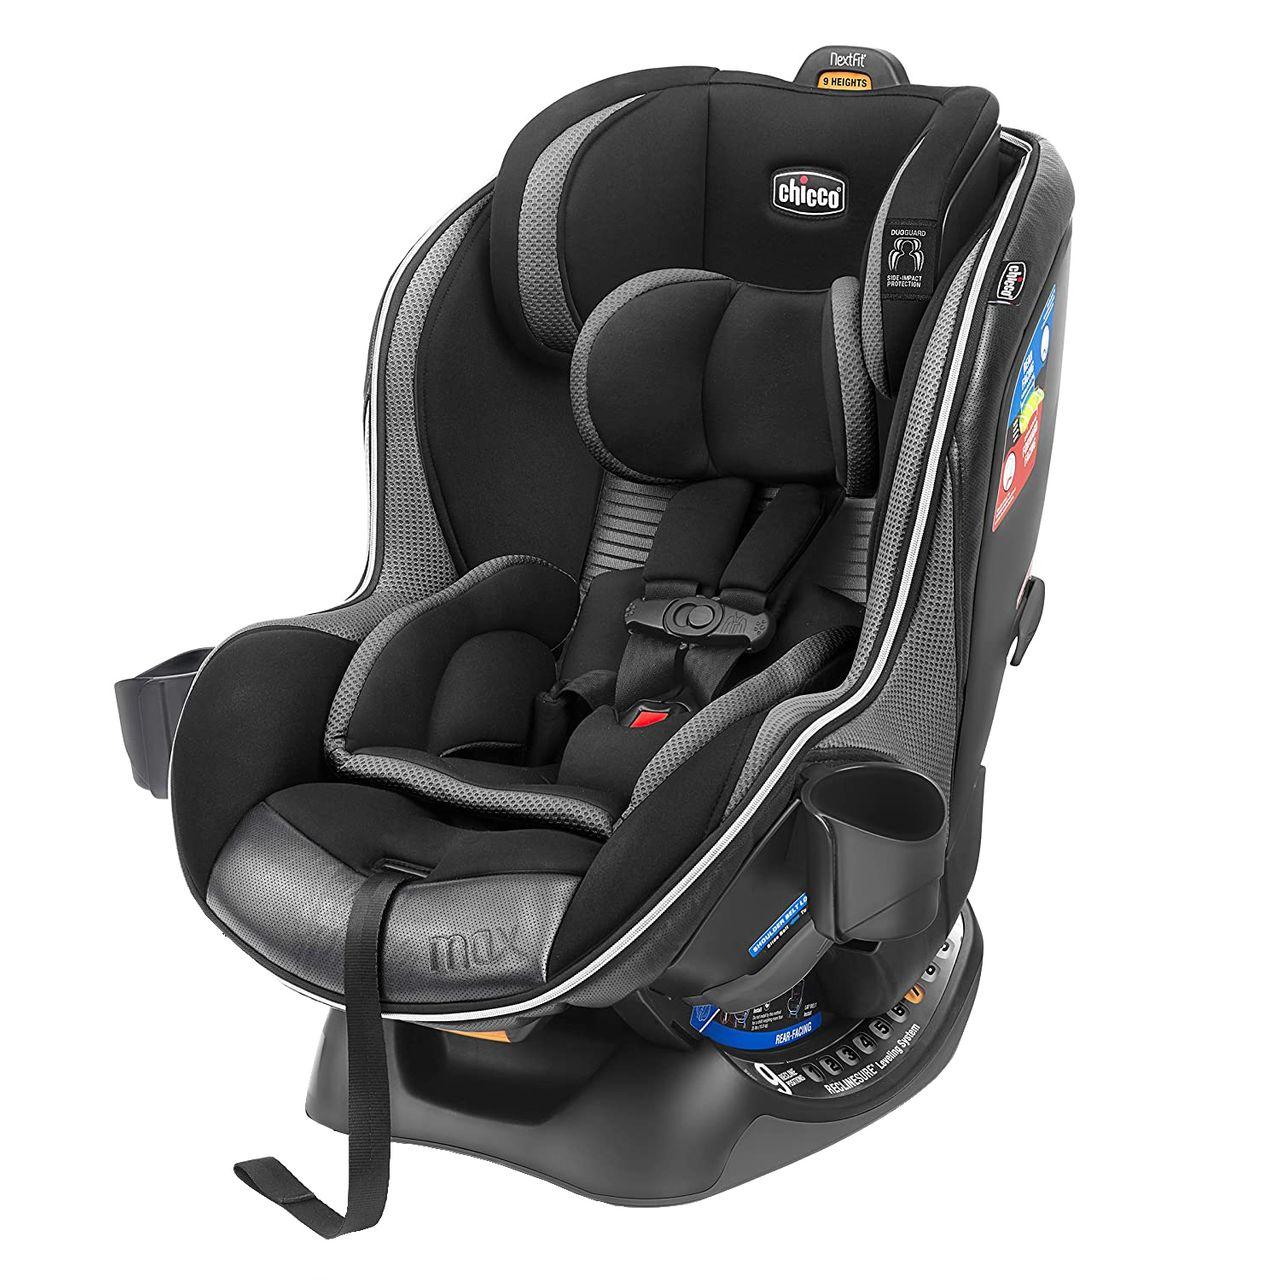 صندلی خودرو کودک چیکو مدل نکست فیت زیپ مکس